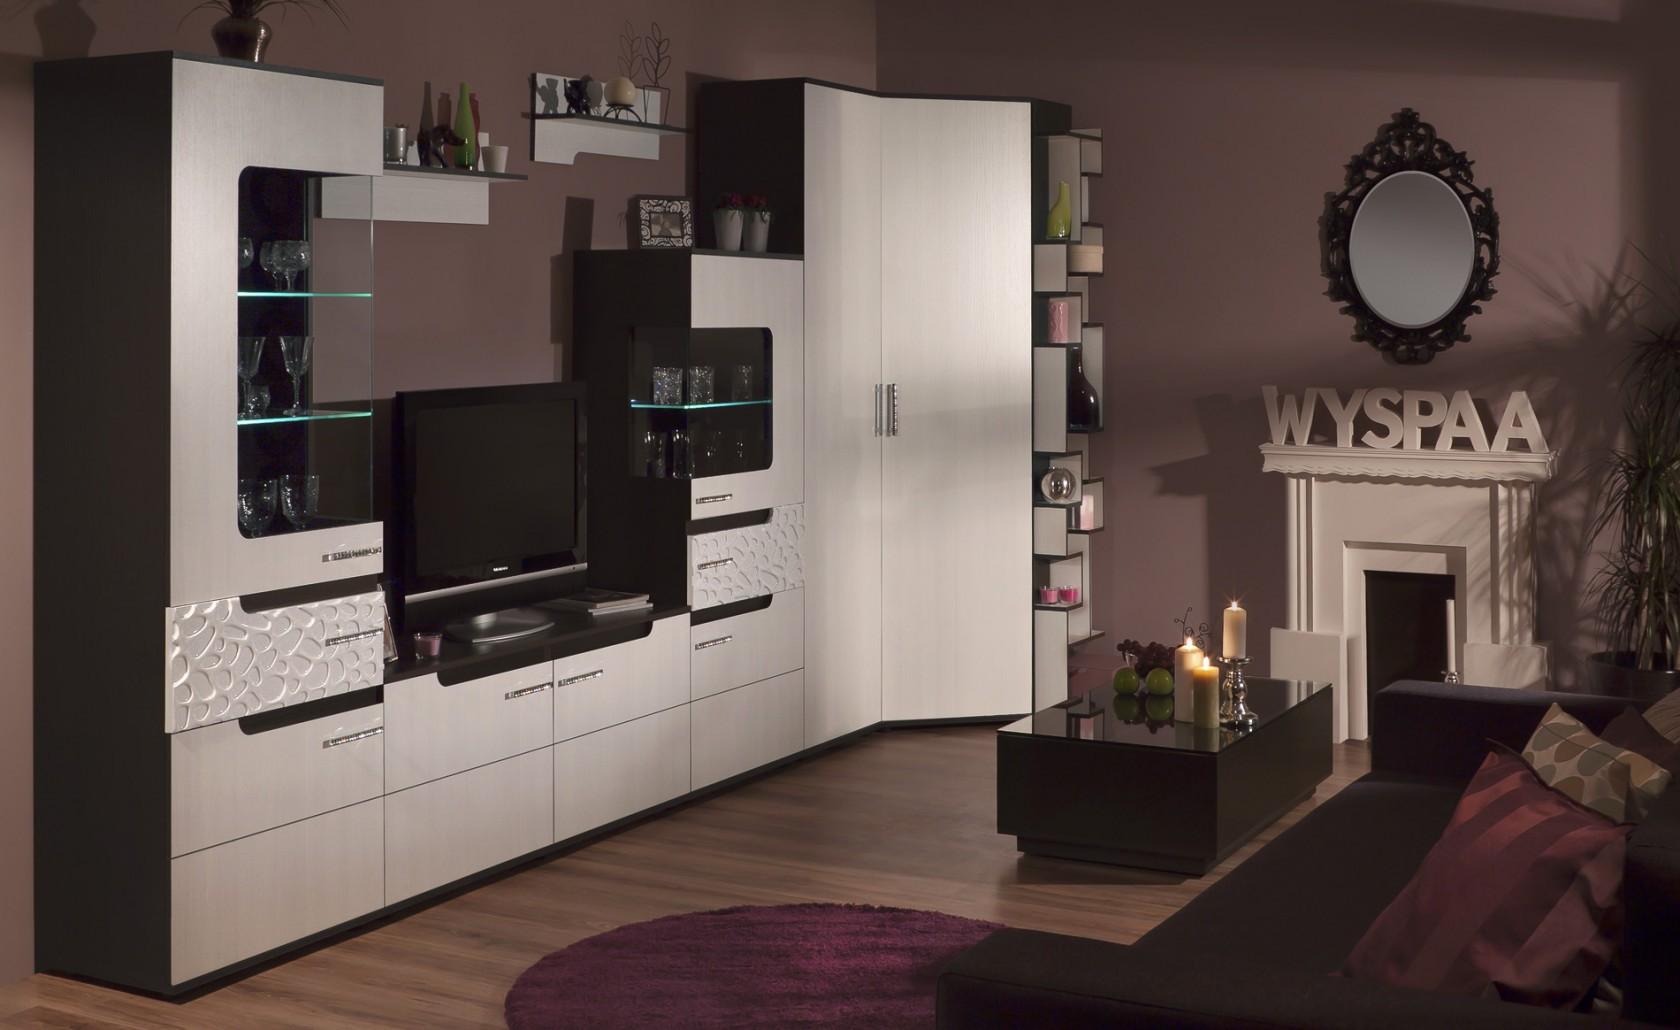 модульная гостиная Wyspaa интернет магазин гермес мебель екатеринбург